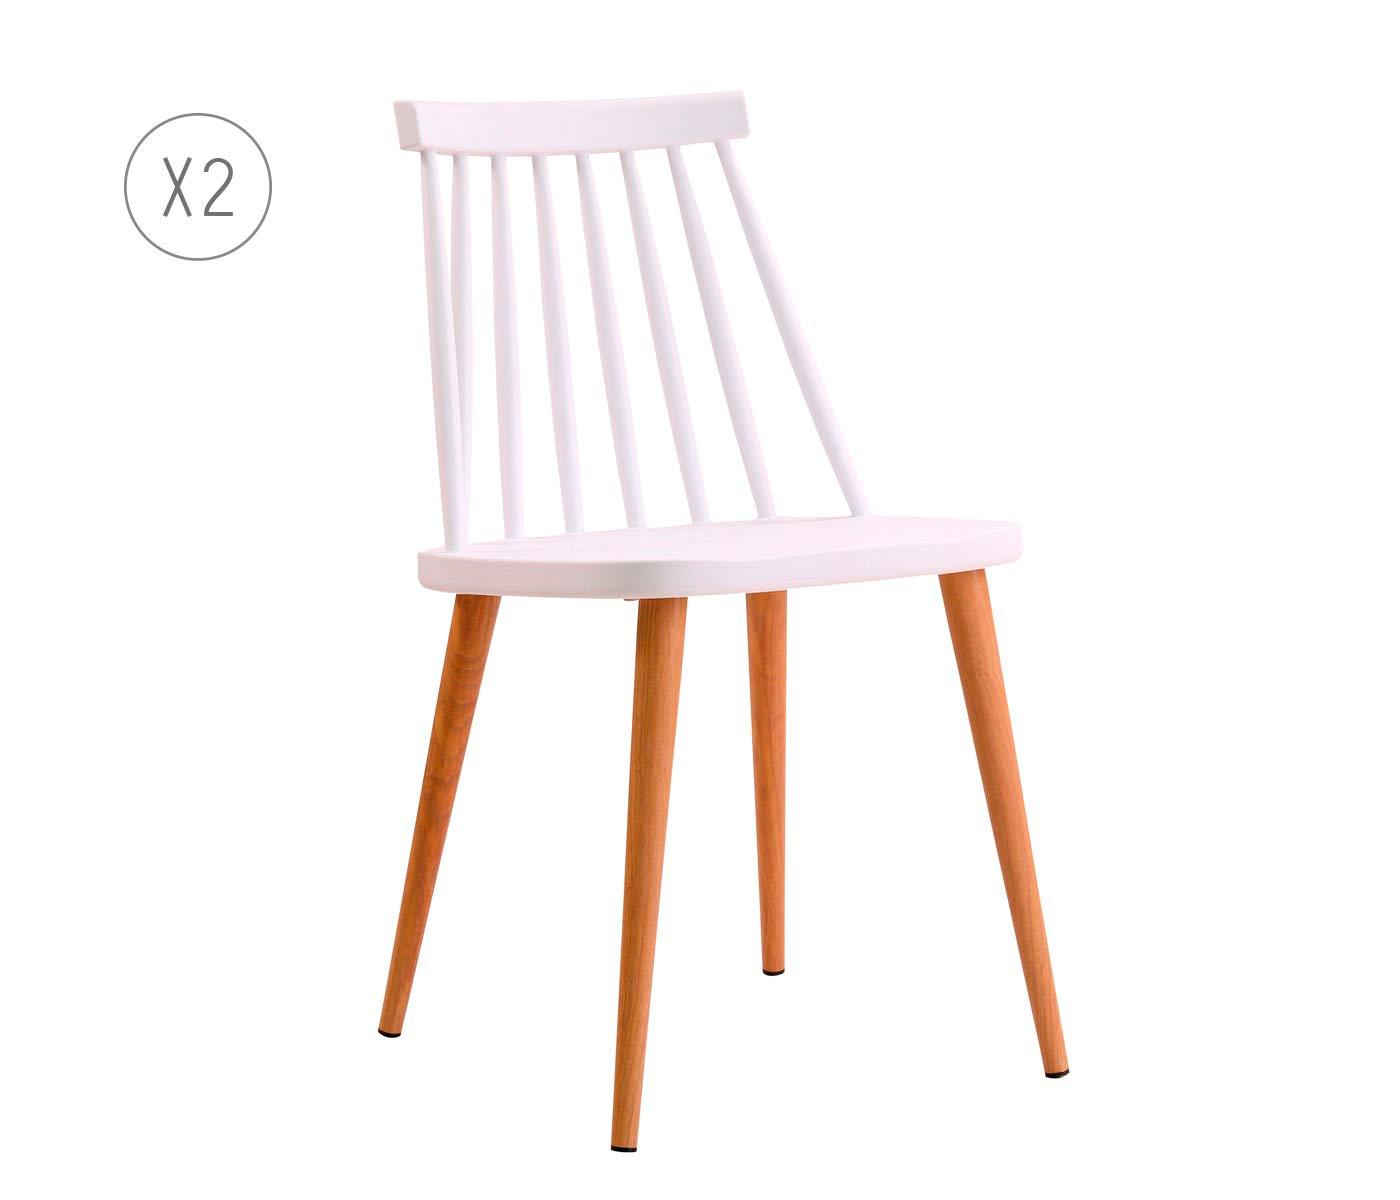 Silla Fanett de Diseño Blanca: Amazon.es: Hogar